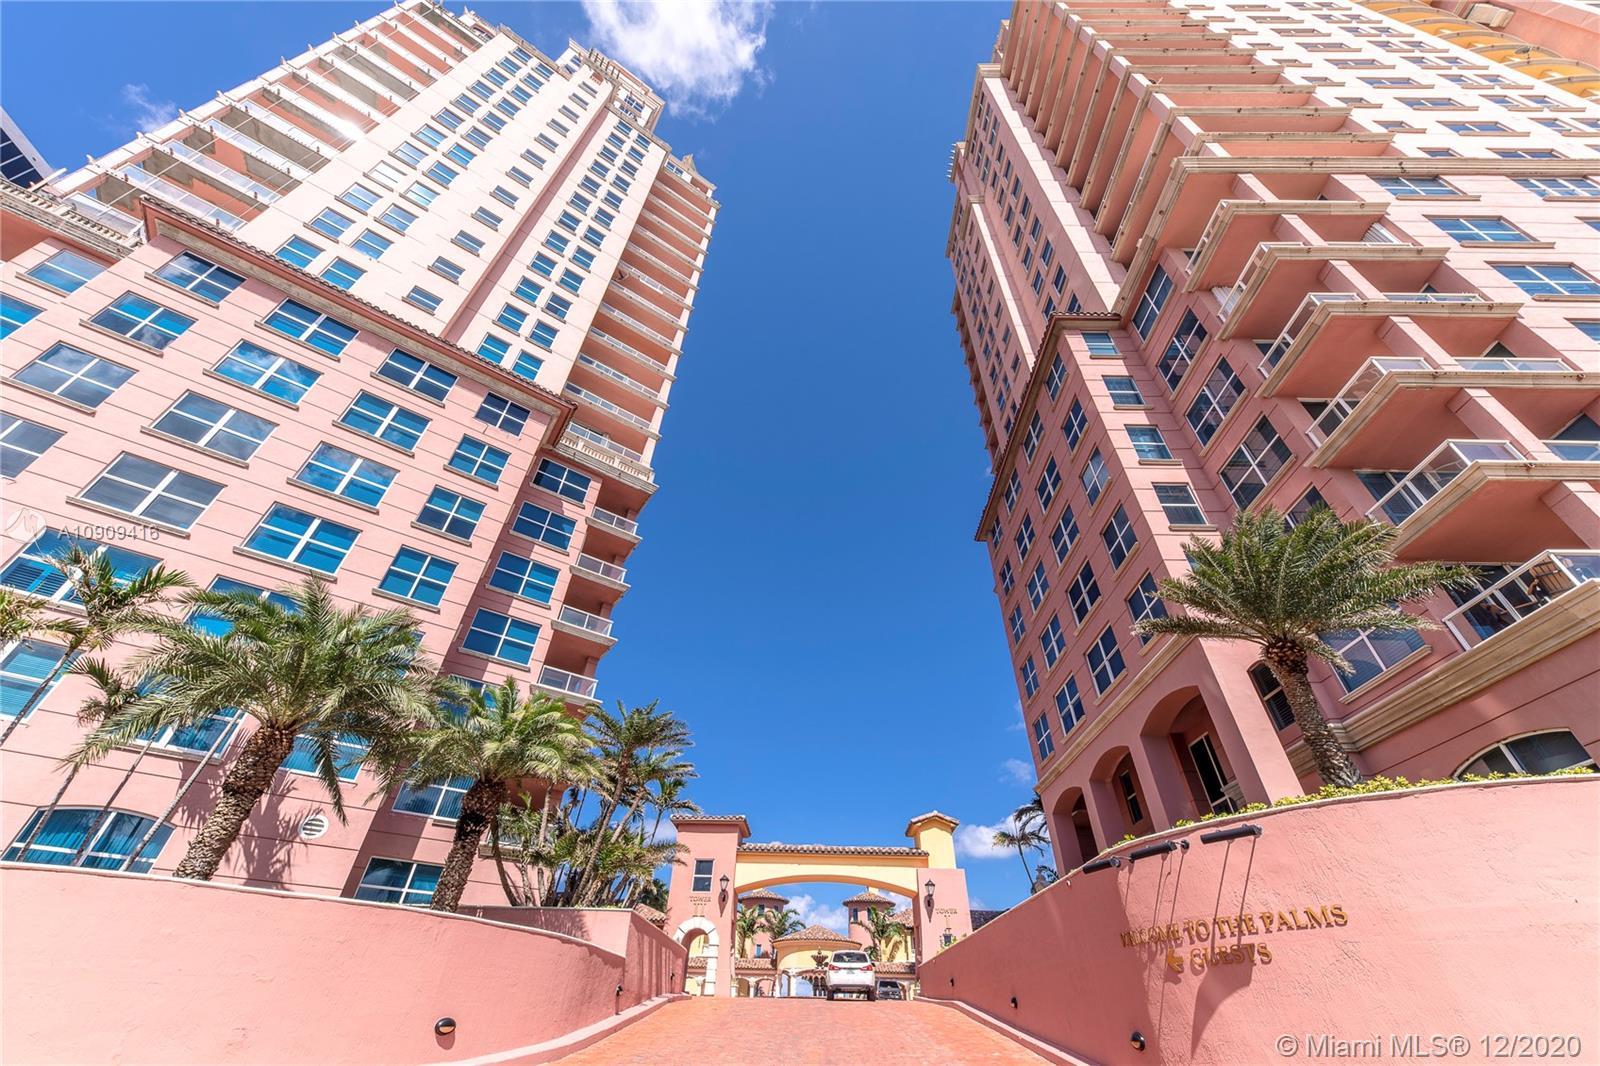 2110 N Ocean Blvd Fort Lauderdale, FL  33305